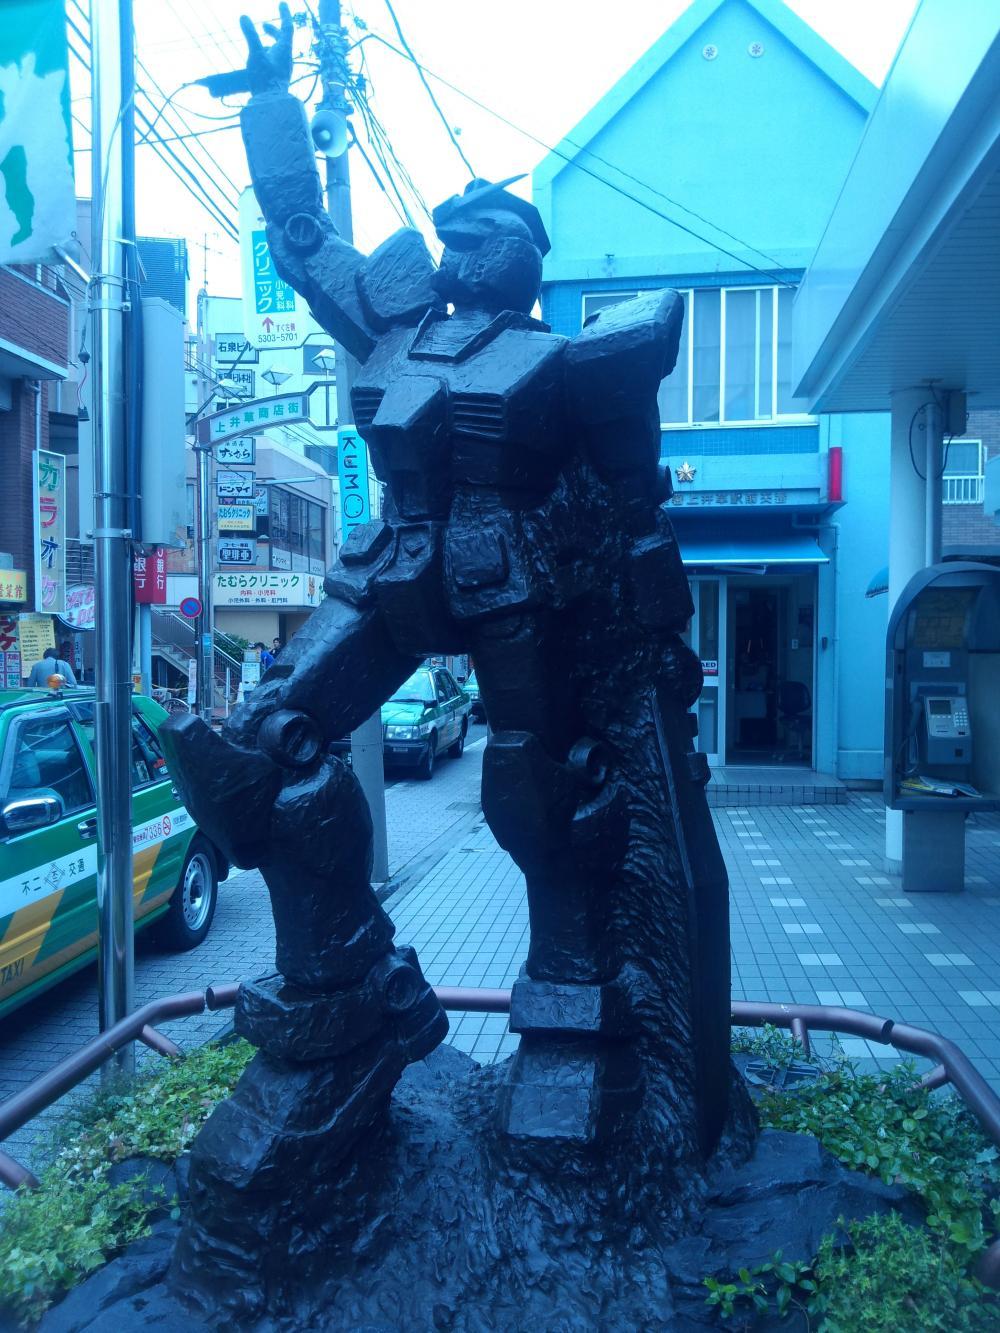 gandamu_convert_20120629191711.jpg